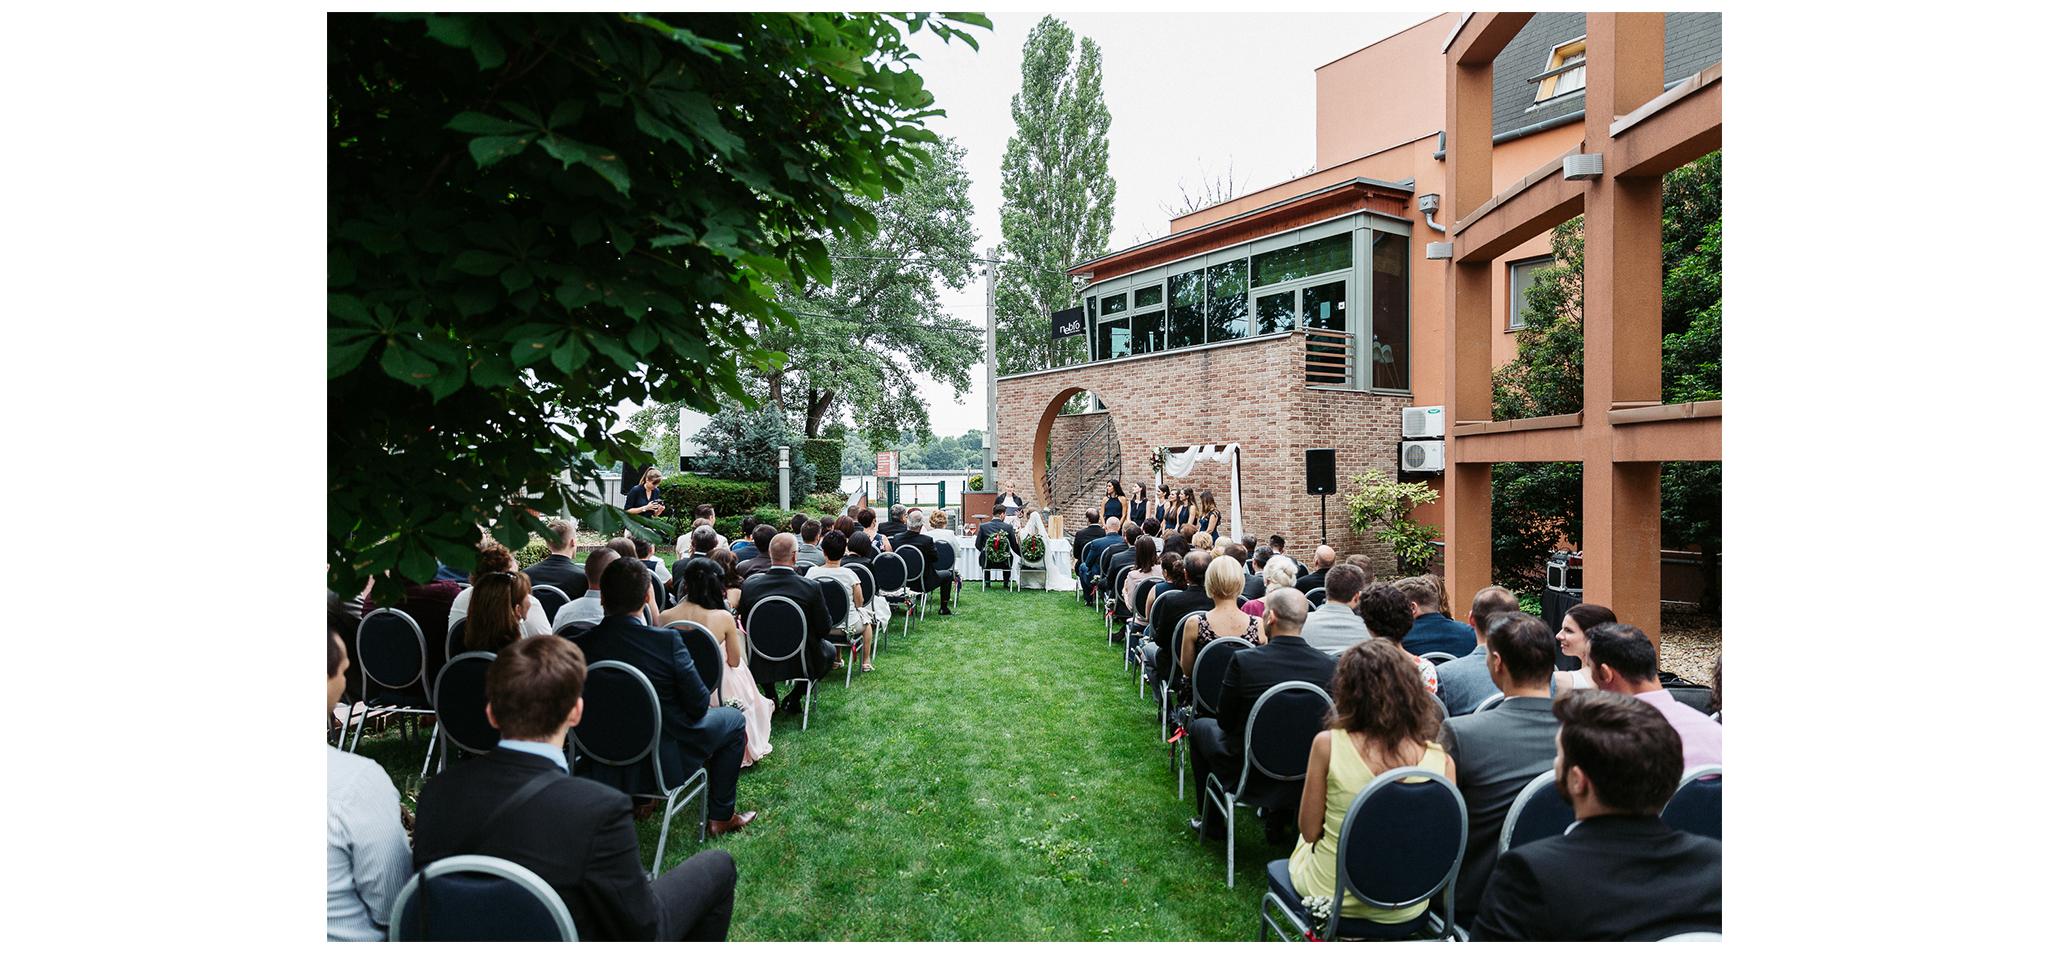 MONT_FylepPhoto, Esküvőfotós Vasmegye, Esküvő fotózás, Esküvői fotós, Körmend, Vas megye, Dunántúl, Budapest, Fülöp Péter, Jegyes fotózás, jegyes, kreatív, kreatívfotózás,Wien,Ausztira,Österreich,hochzeitsfotograf_V&M_038.jpg